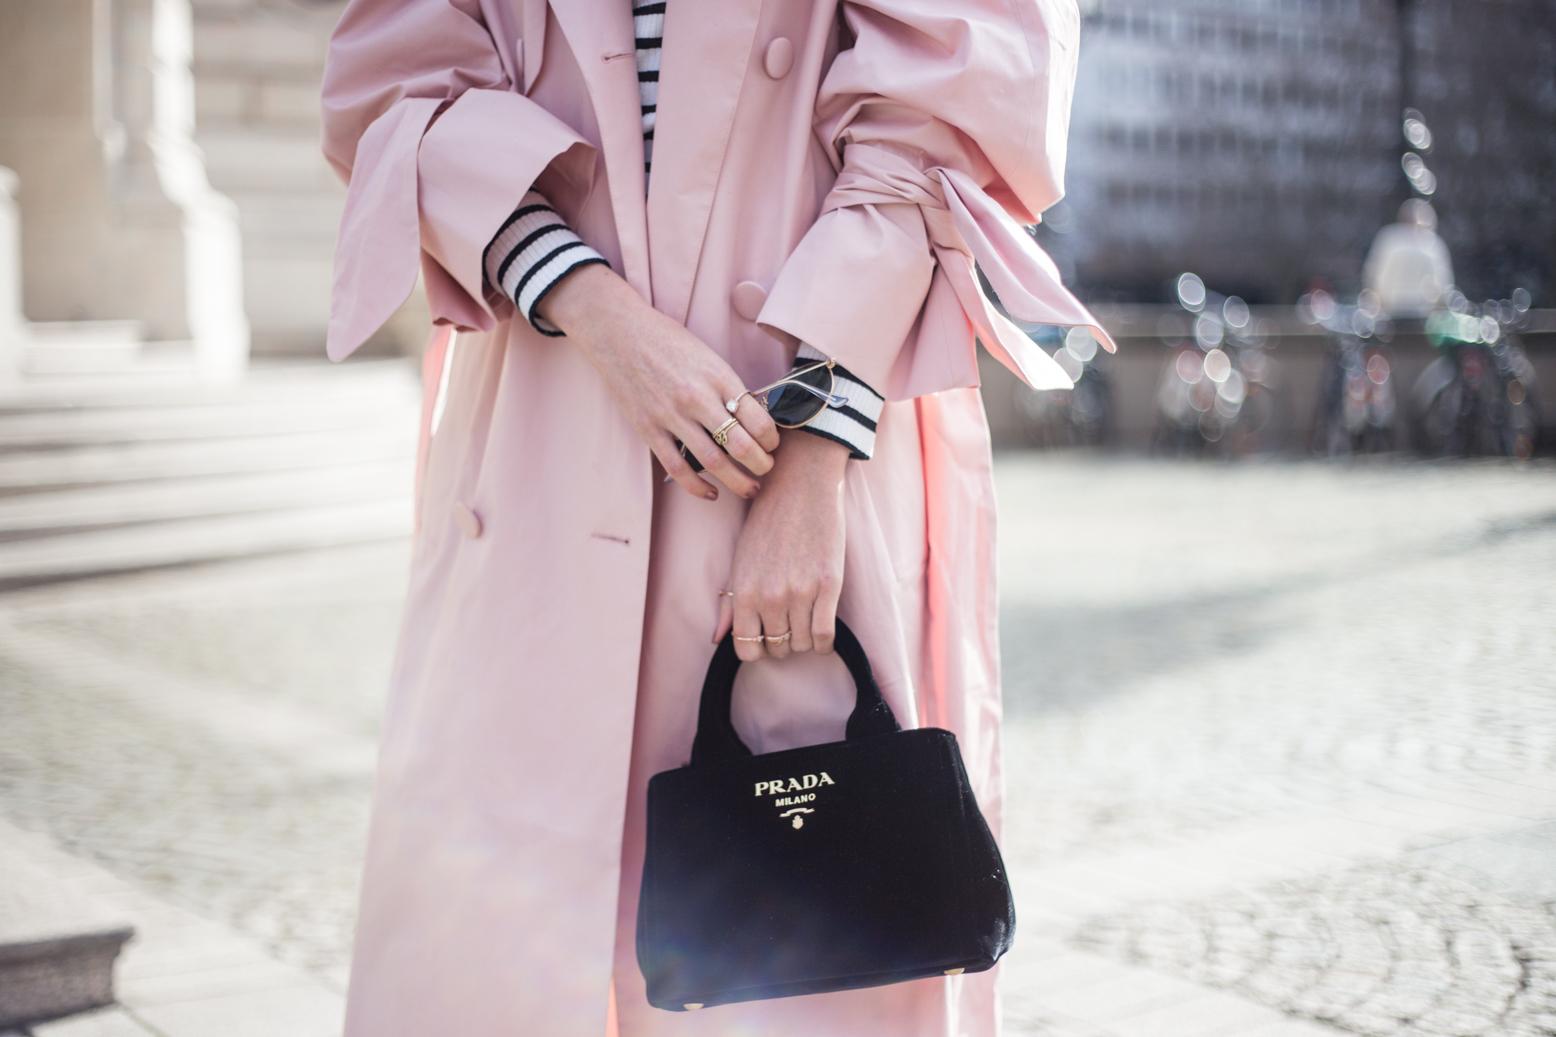 trenchcoat-outfit-prada-bag-velvet-0195